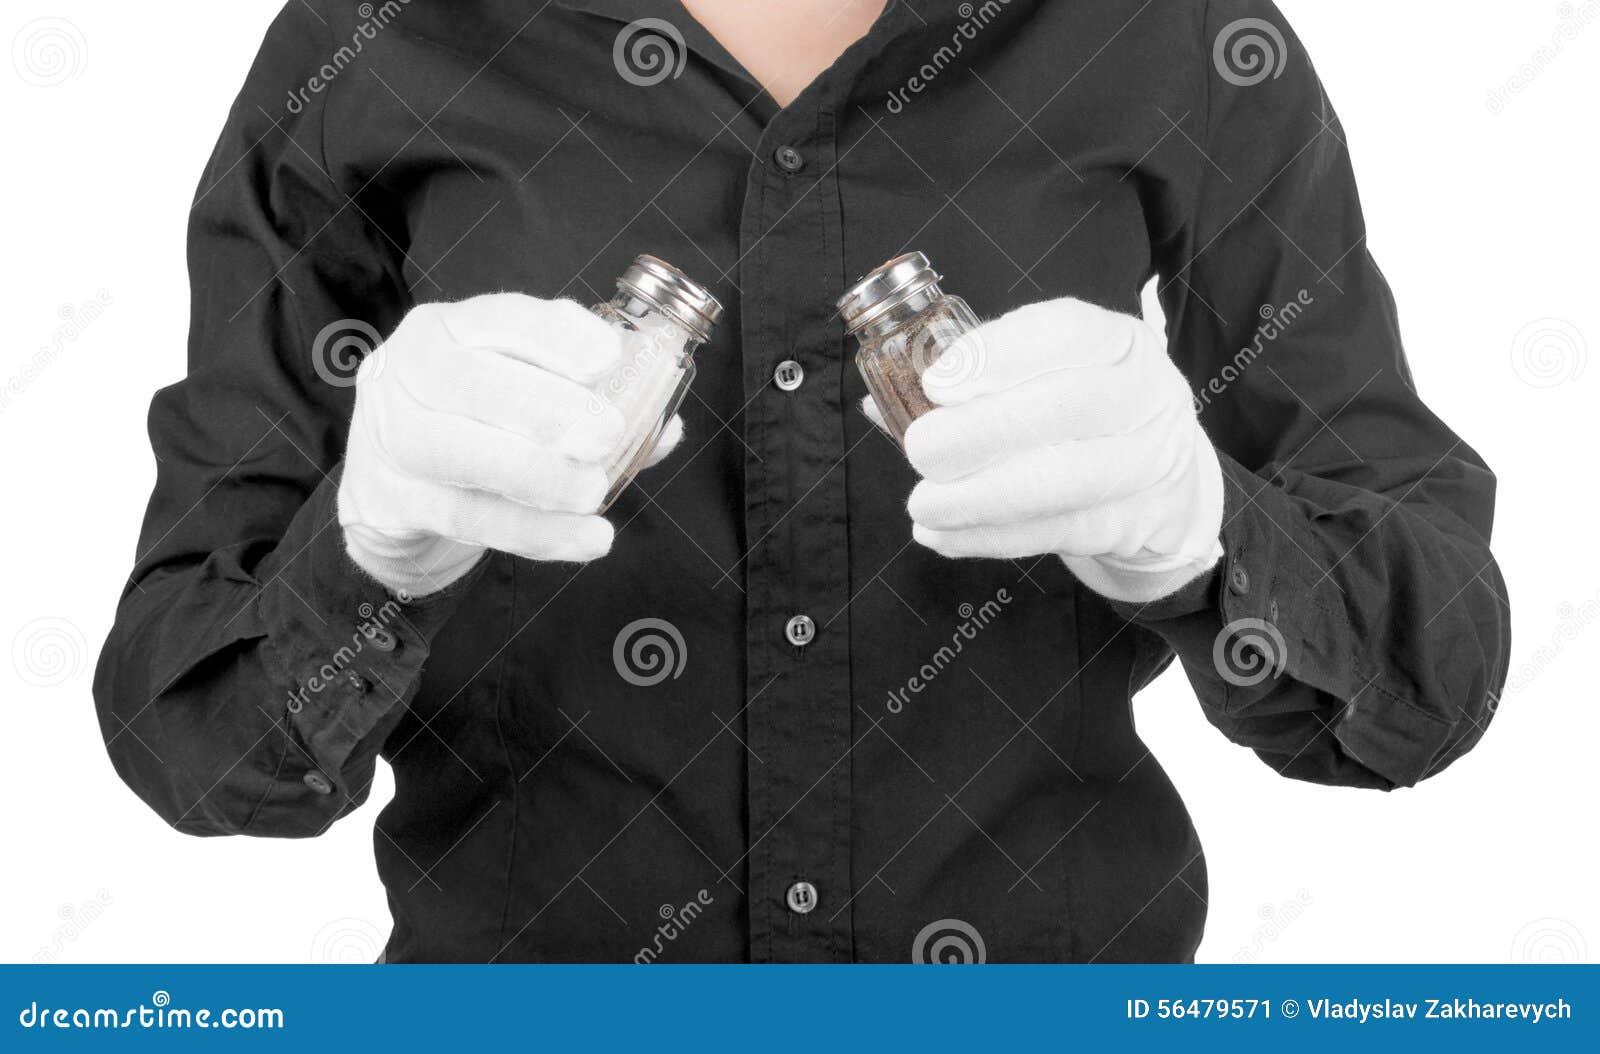 Main tenant les dispositifs trembleurs de sel en verre et de poivre